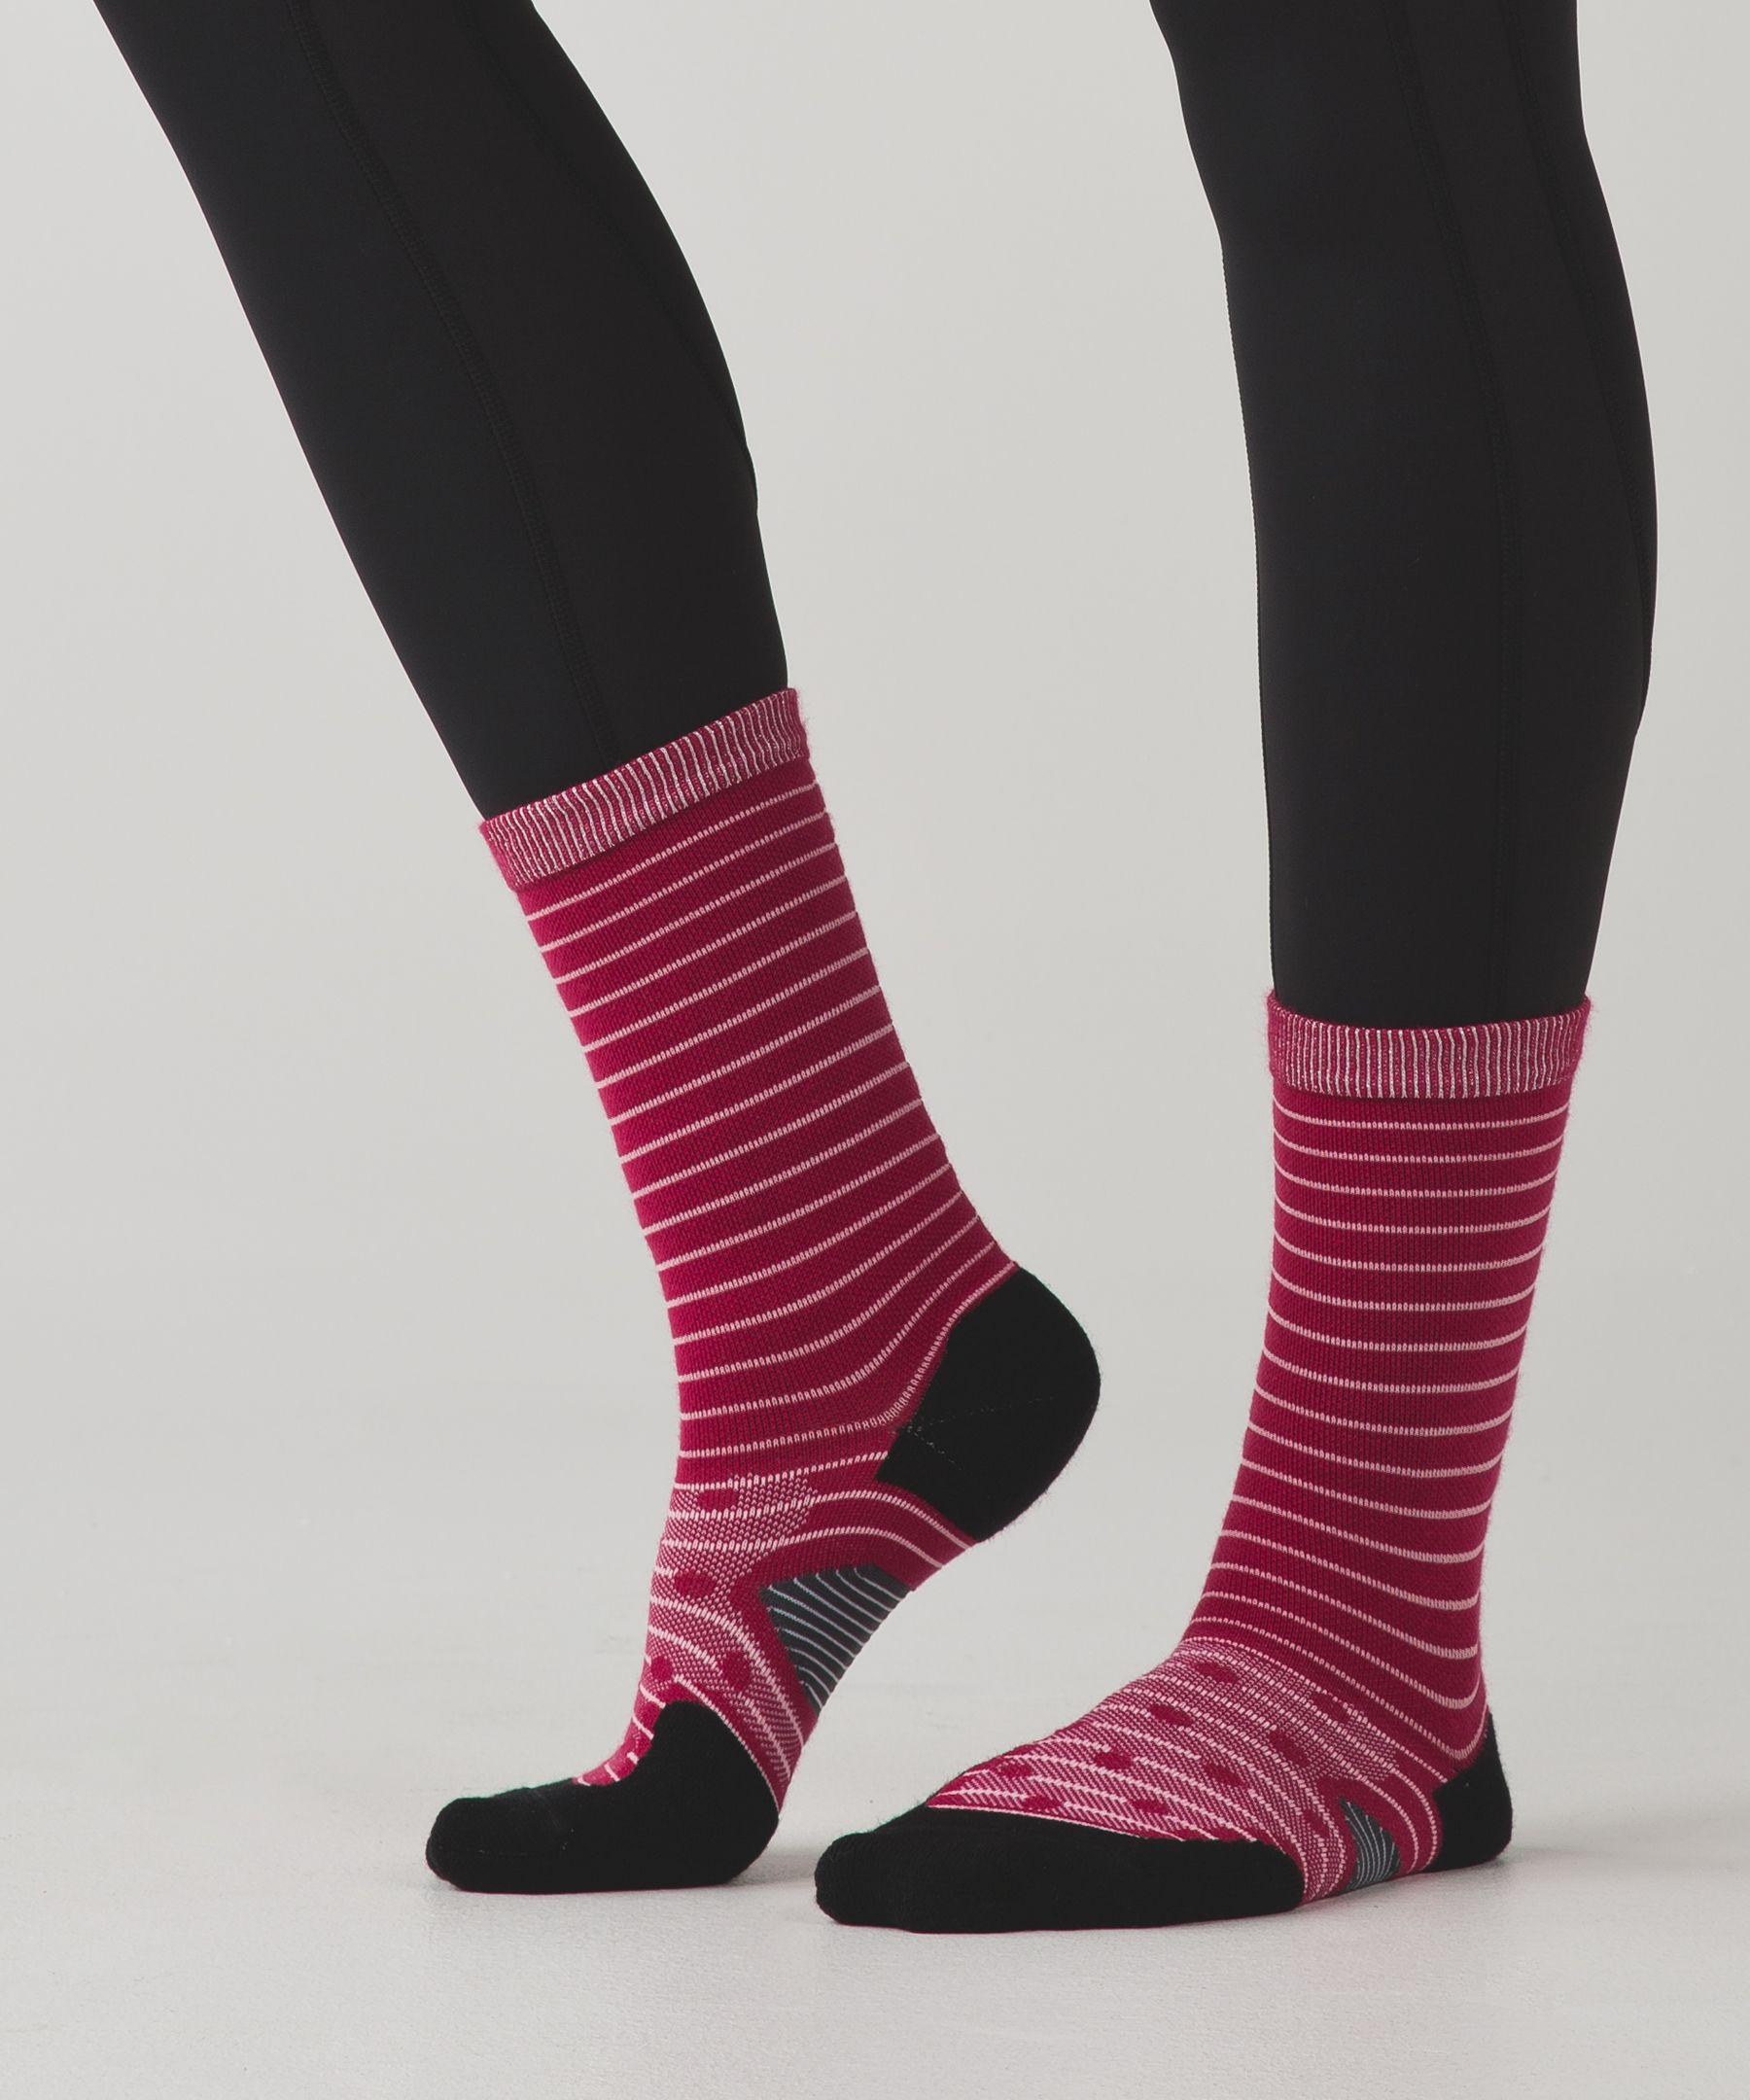 Runderland Sock